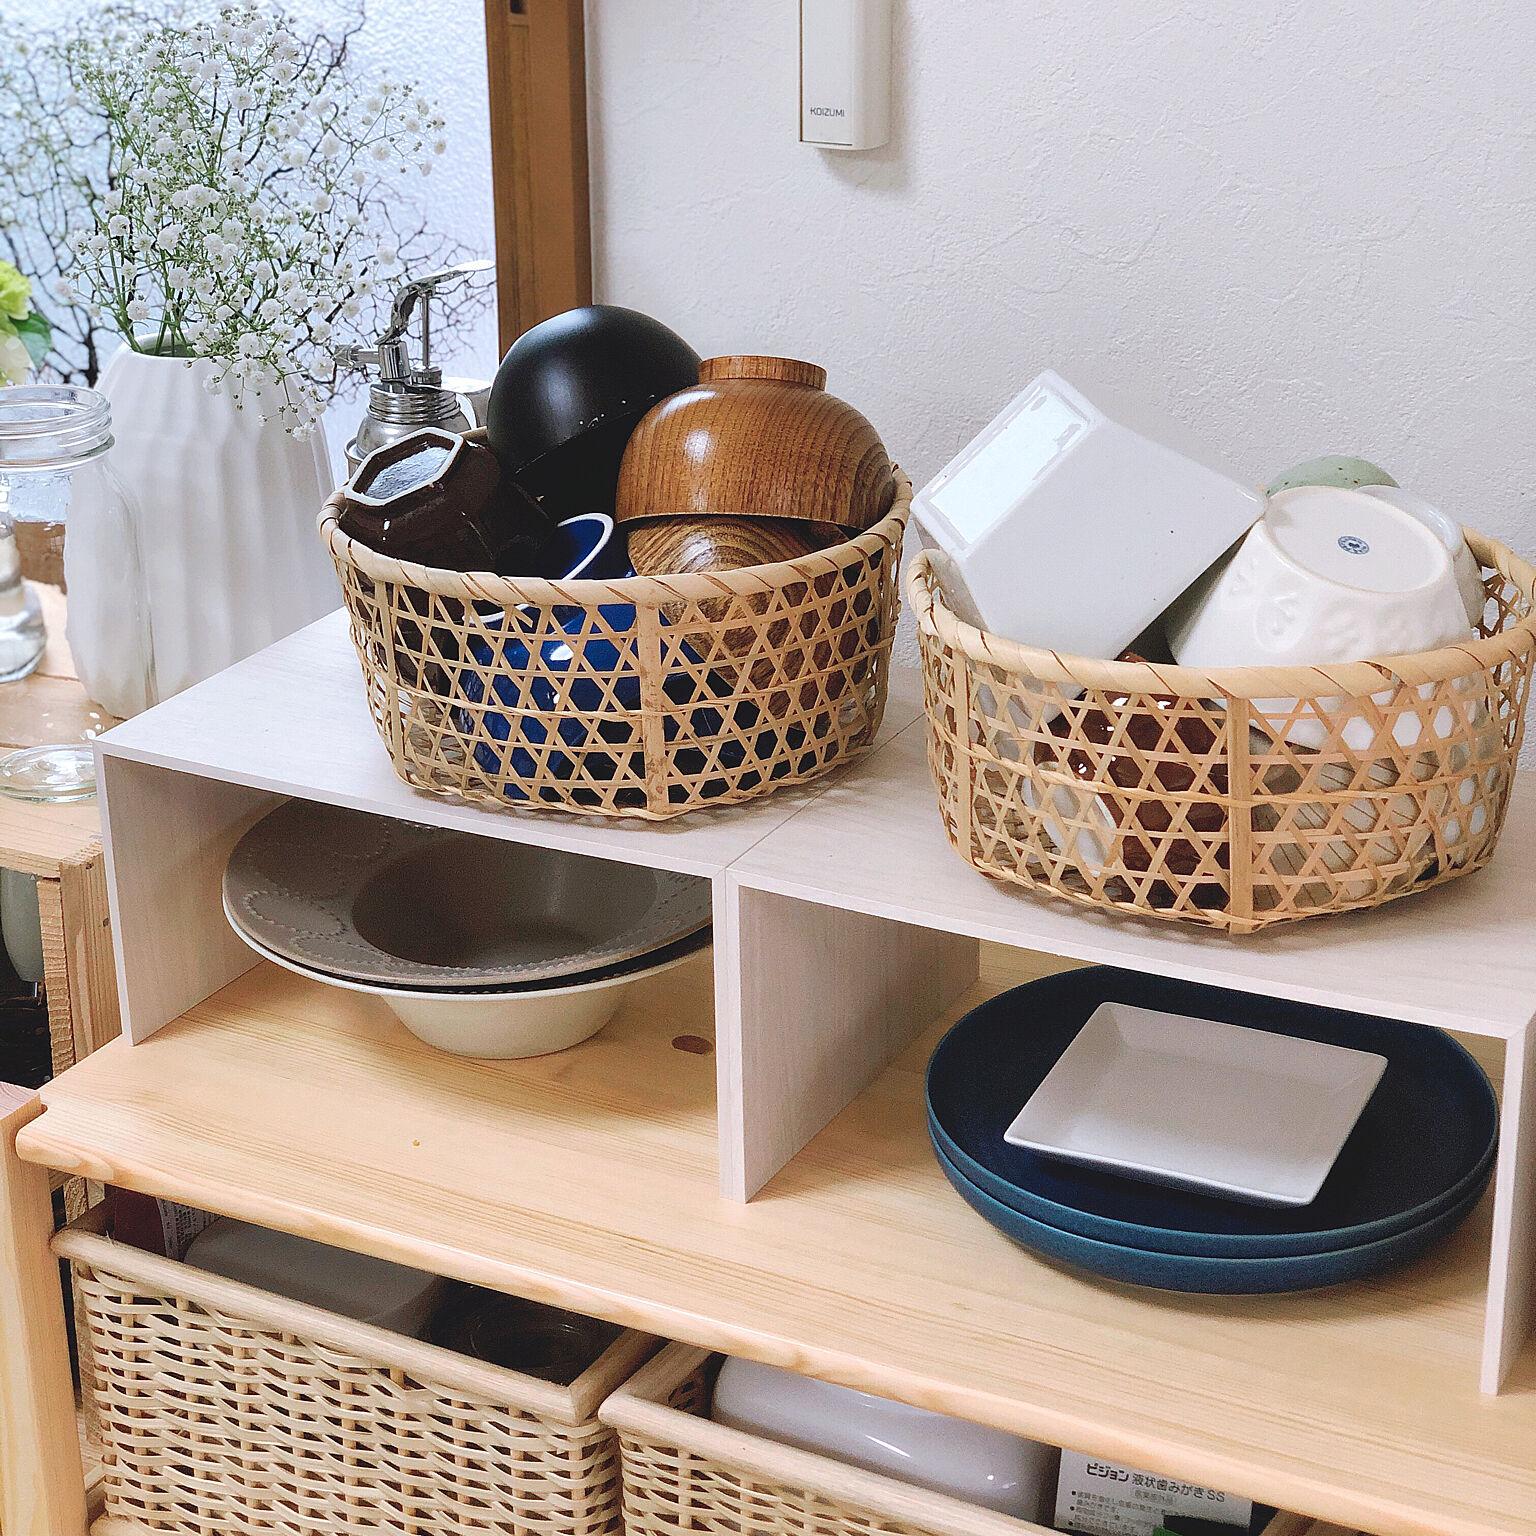 食器棚を使わなくてもこんなに便利!見やすく取り出しやすい食器の収納方法